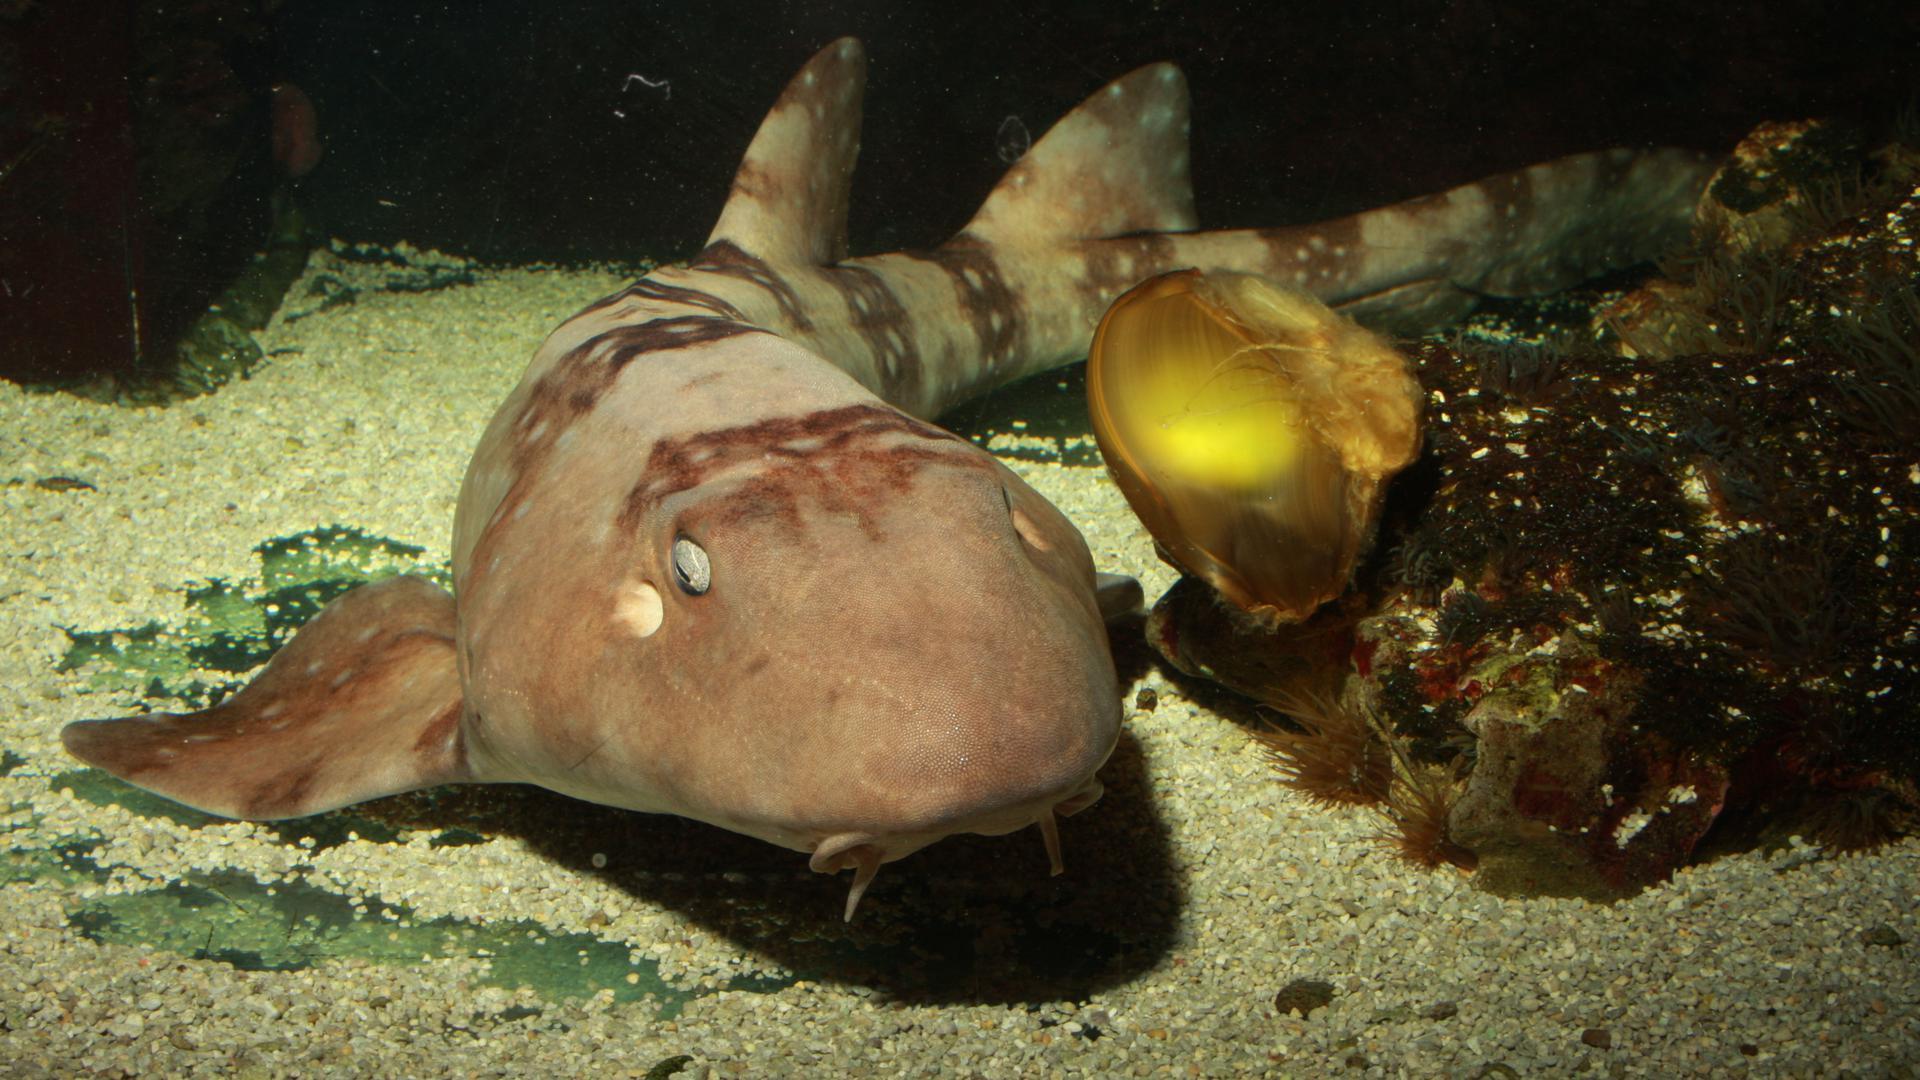 Mariechen ist ein Weißgepunkteter Baumbushhai im Naturkundemuseum Karlsruhe, ein kleiner Hai mit bräunlich-gemusterter Haut.